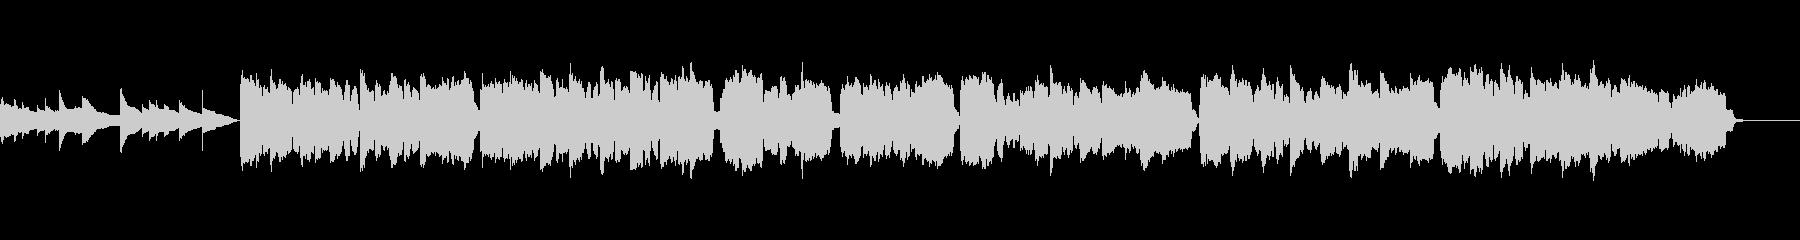 フルートとエレピとハープによる子守歌の未再生の波形